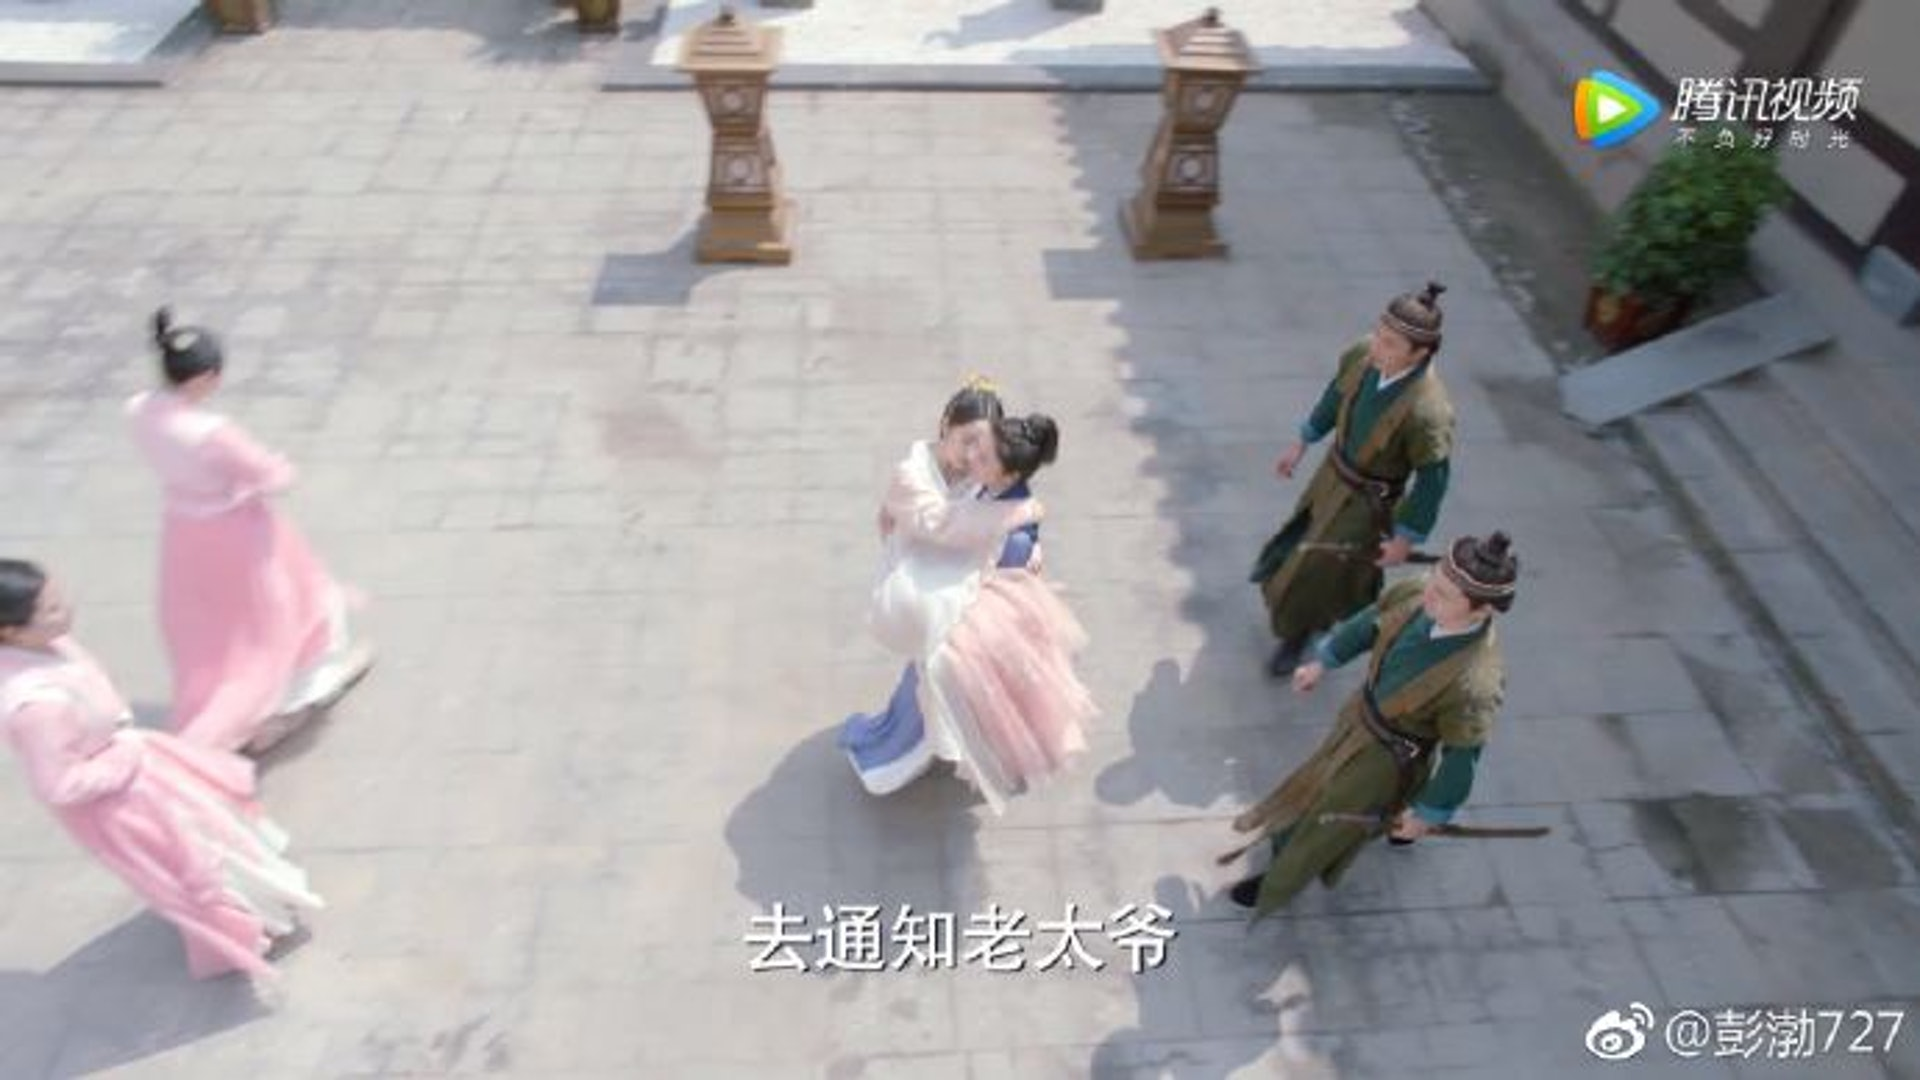 作為花不棄(林依晨飾)的貼身女護衛,小蝦(彭渤飾)抱起主人居然冇難度,原來是因為身材夠大隻(《小女花不棄》劇照@彭渤微博)